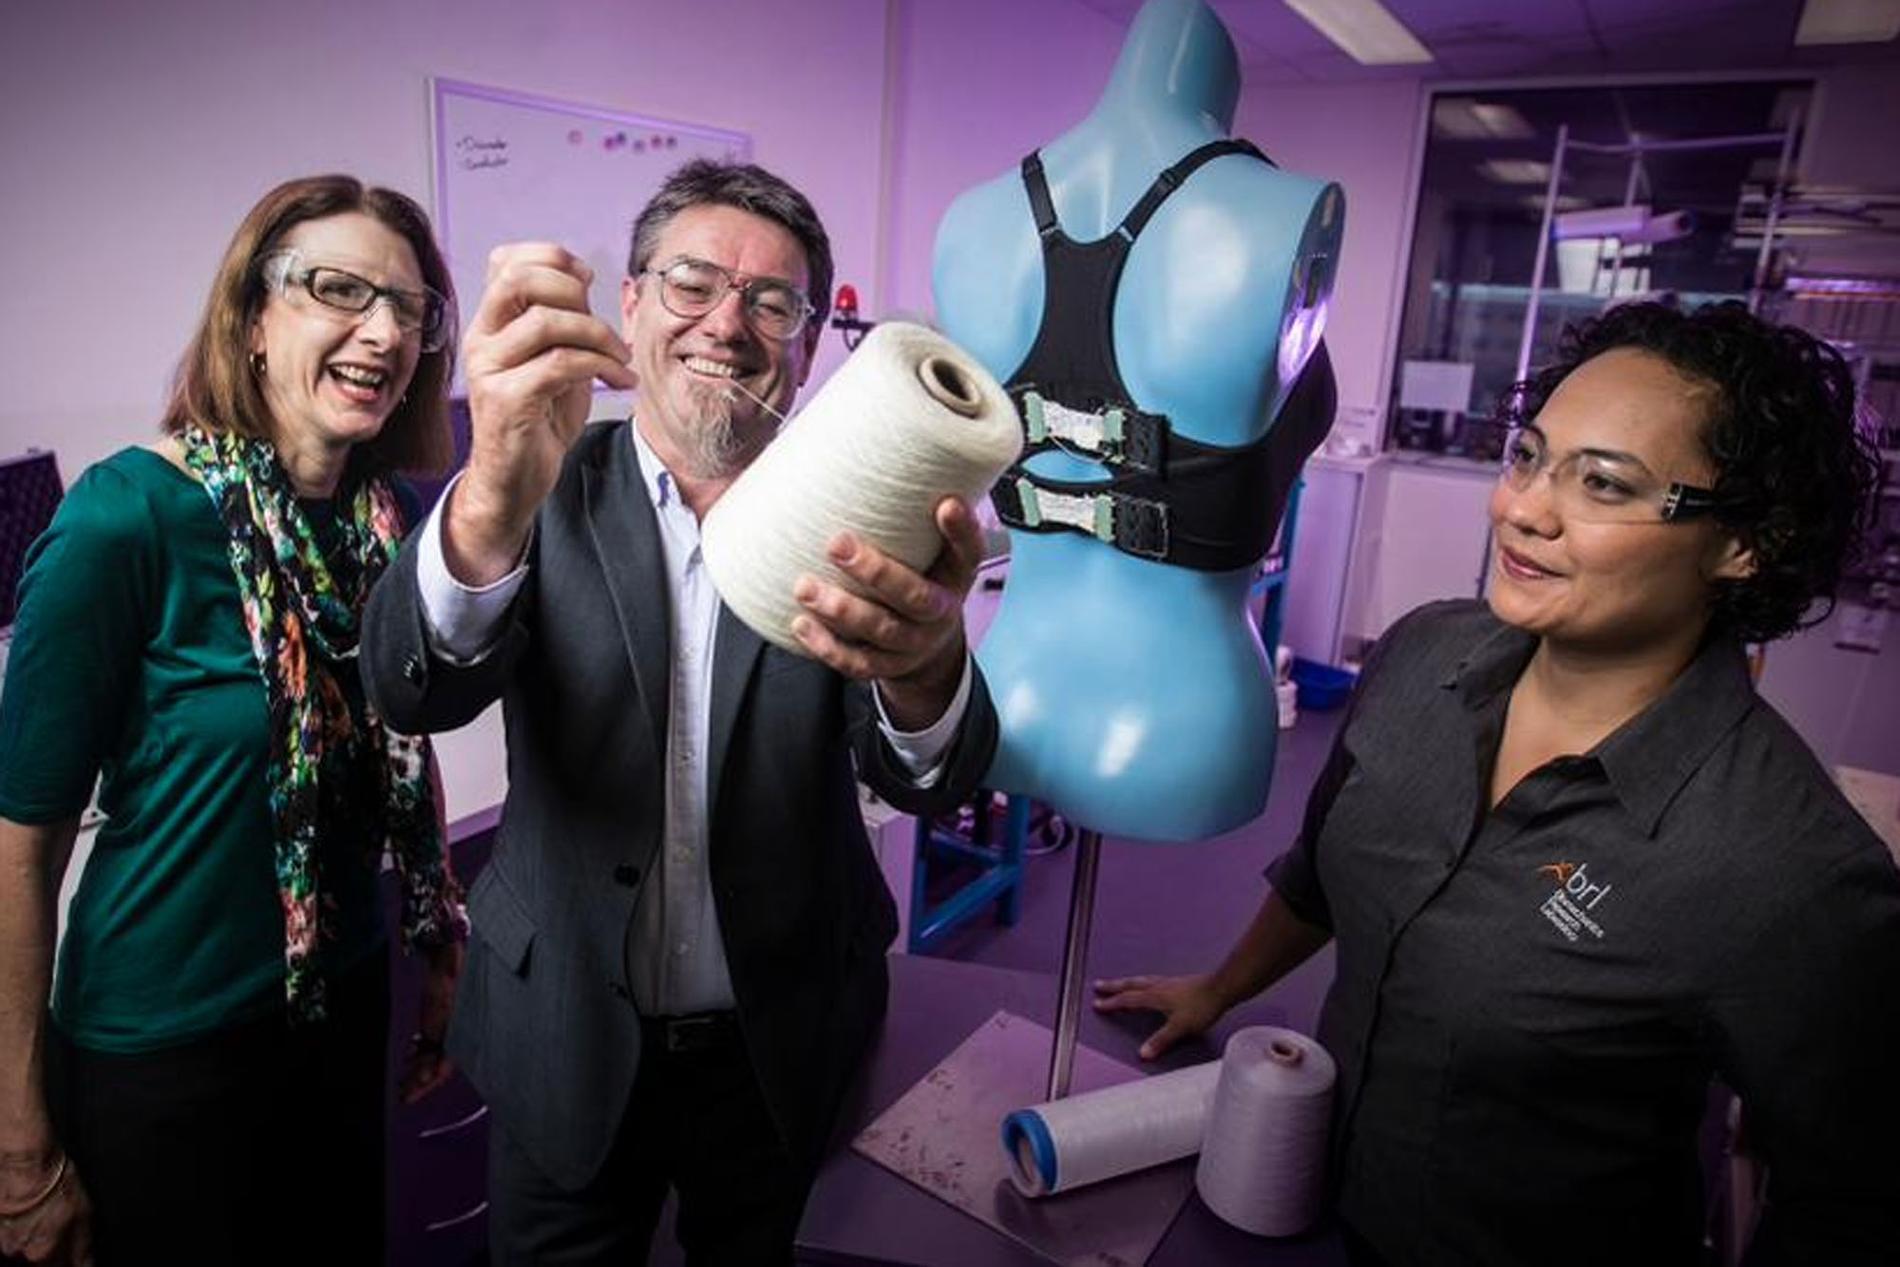 Bientôt un soutien-gorge bionique s adaptant à la morpho   - Madame ... 0f0c0691e00